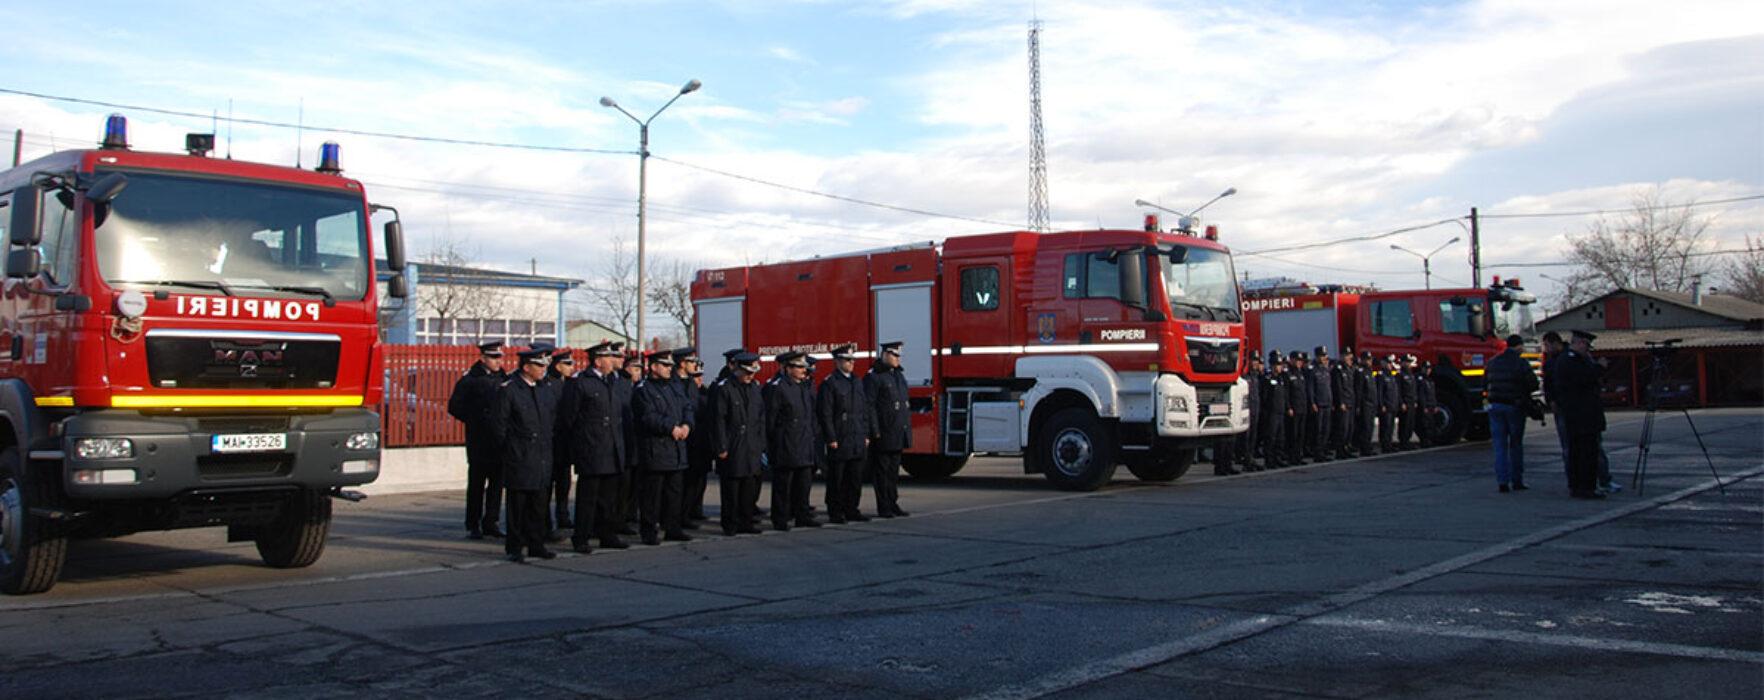 Autospecială nouă primită de ISU Dâmboviţa